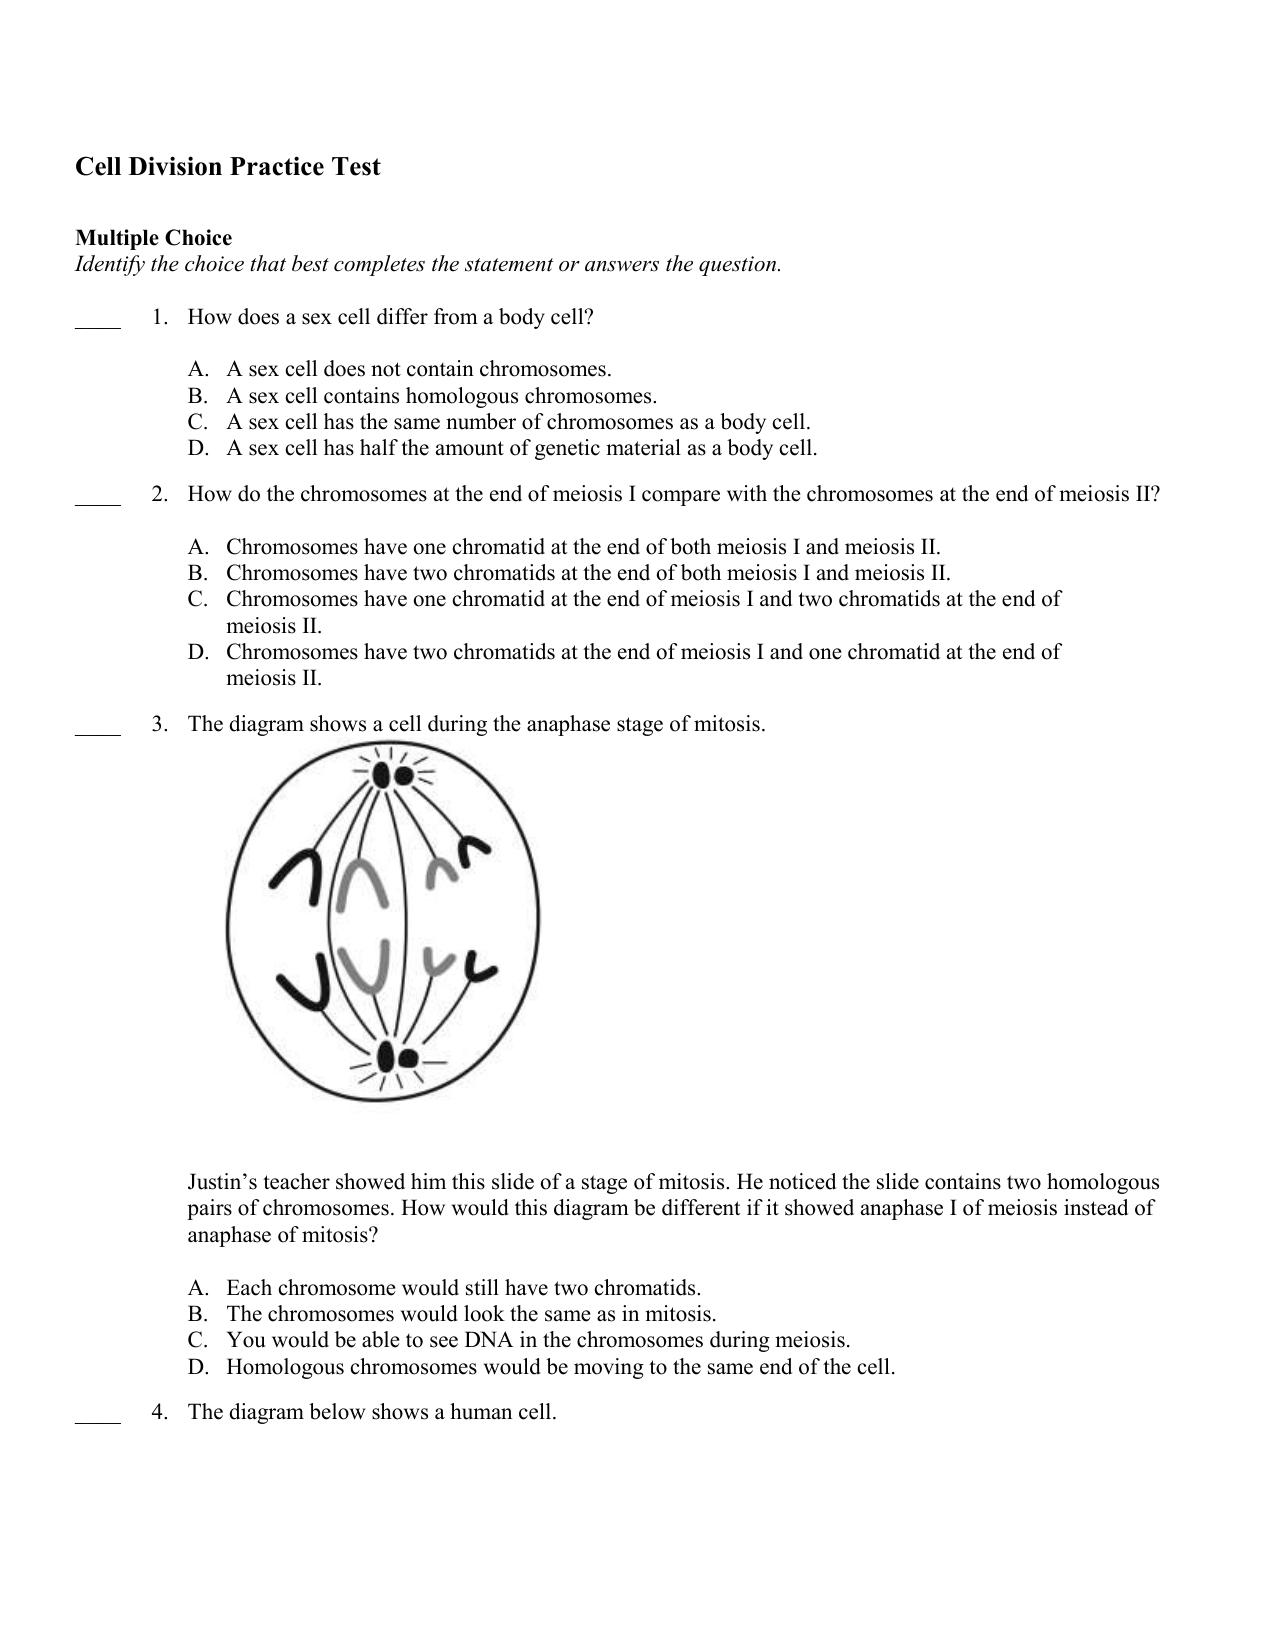 Unicellular Organisms Undergo Mitotic Division To